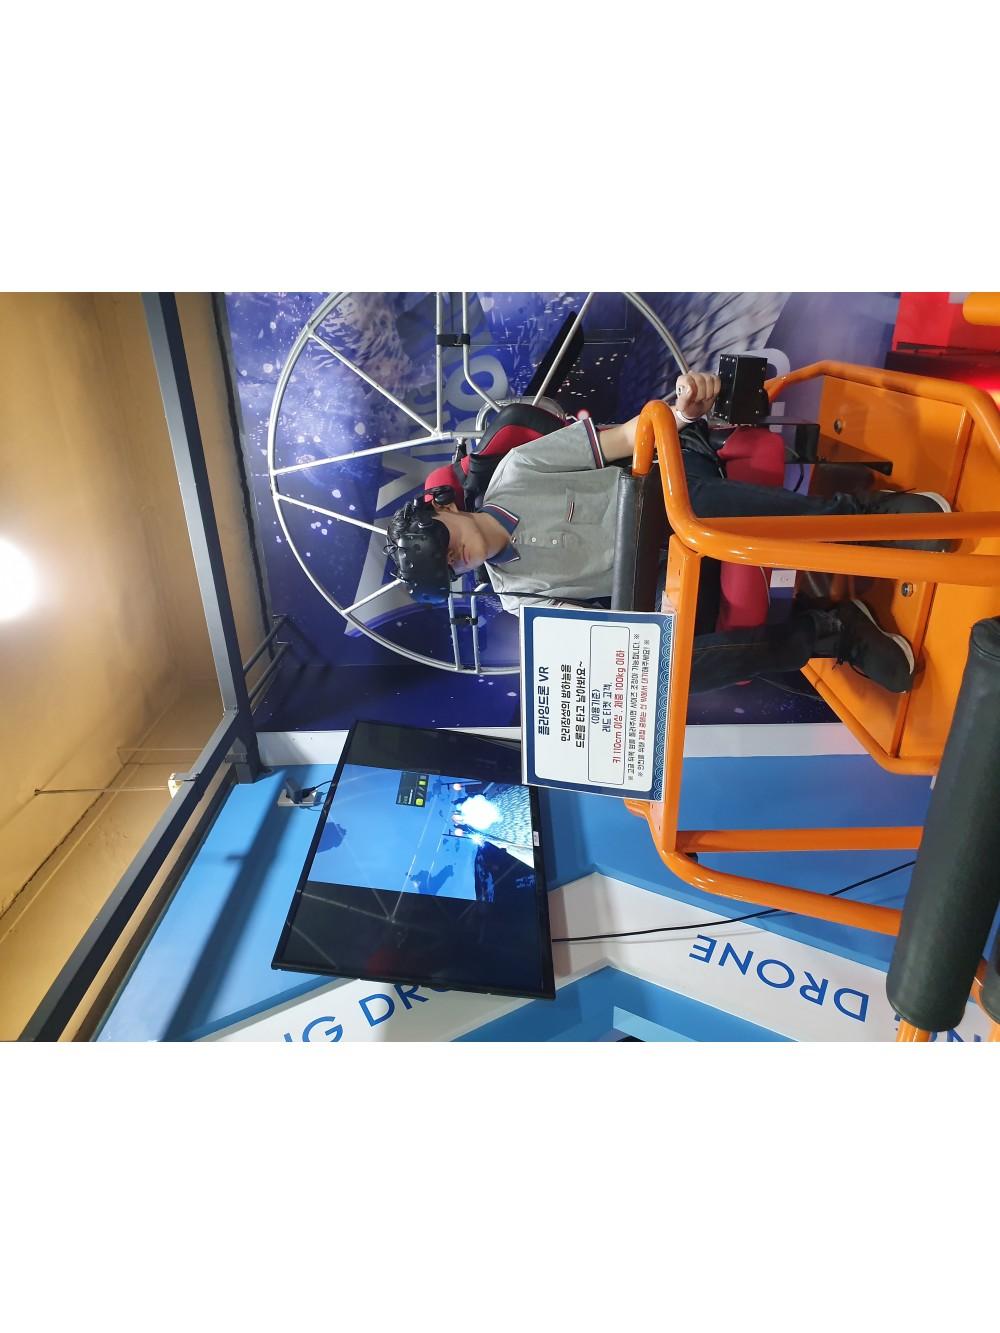 플라잉드론 VR 게임을 하고 있는 사람의 모습